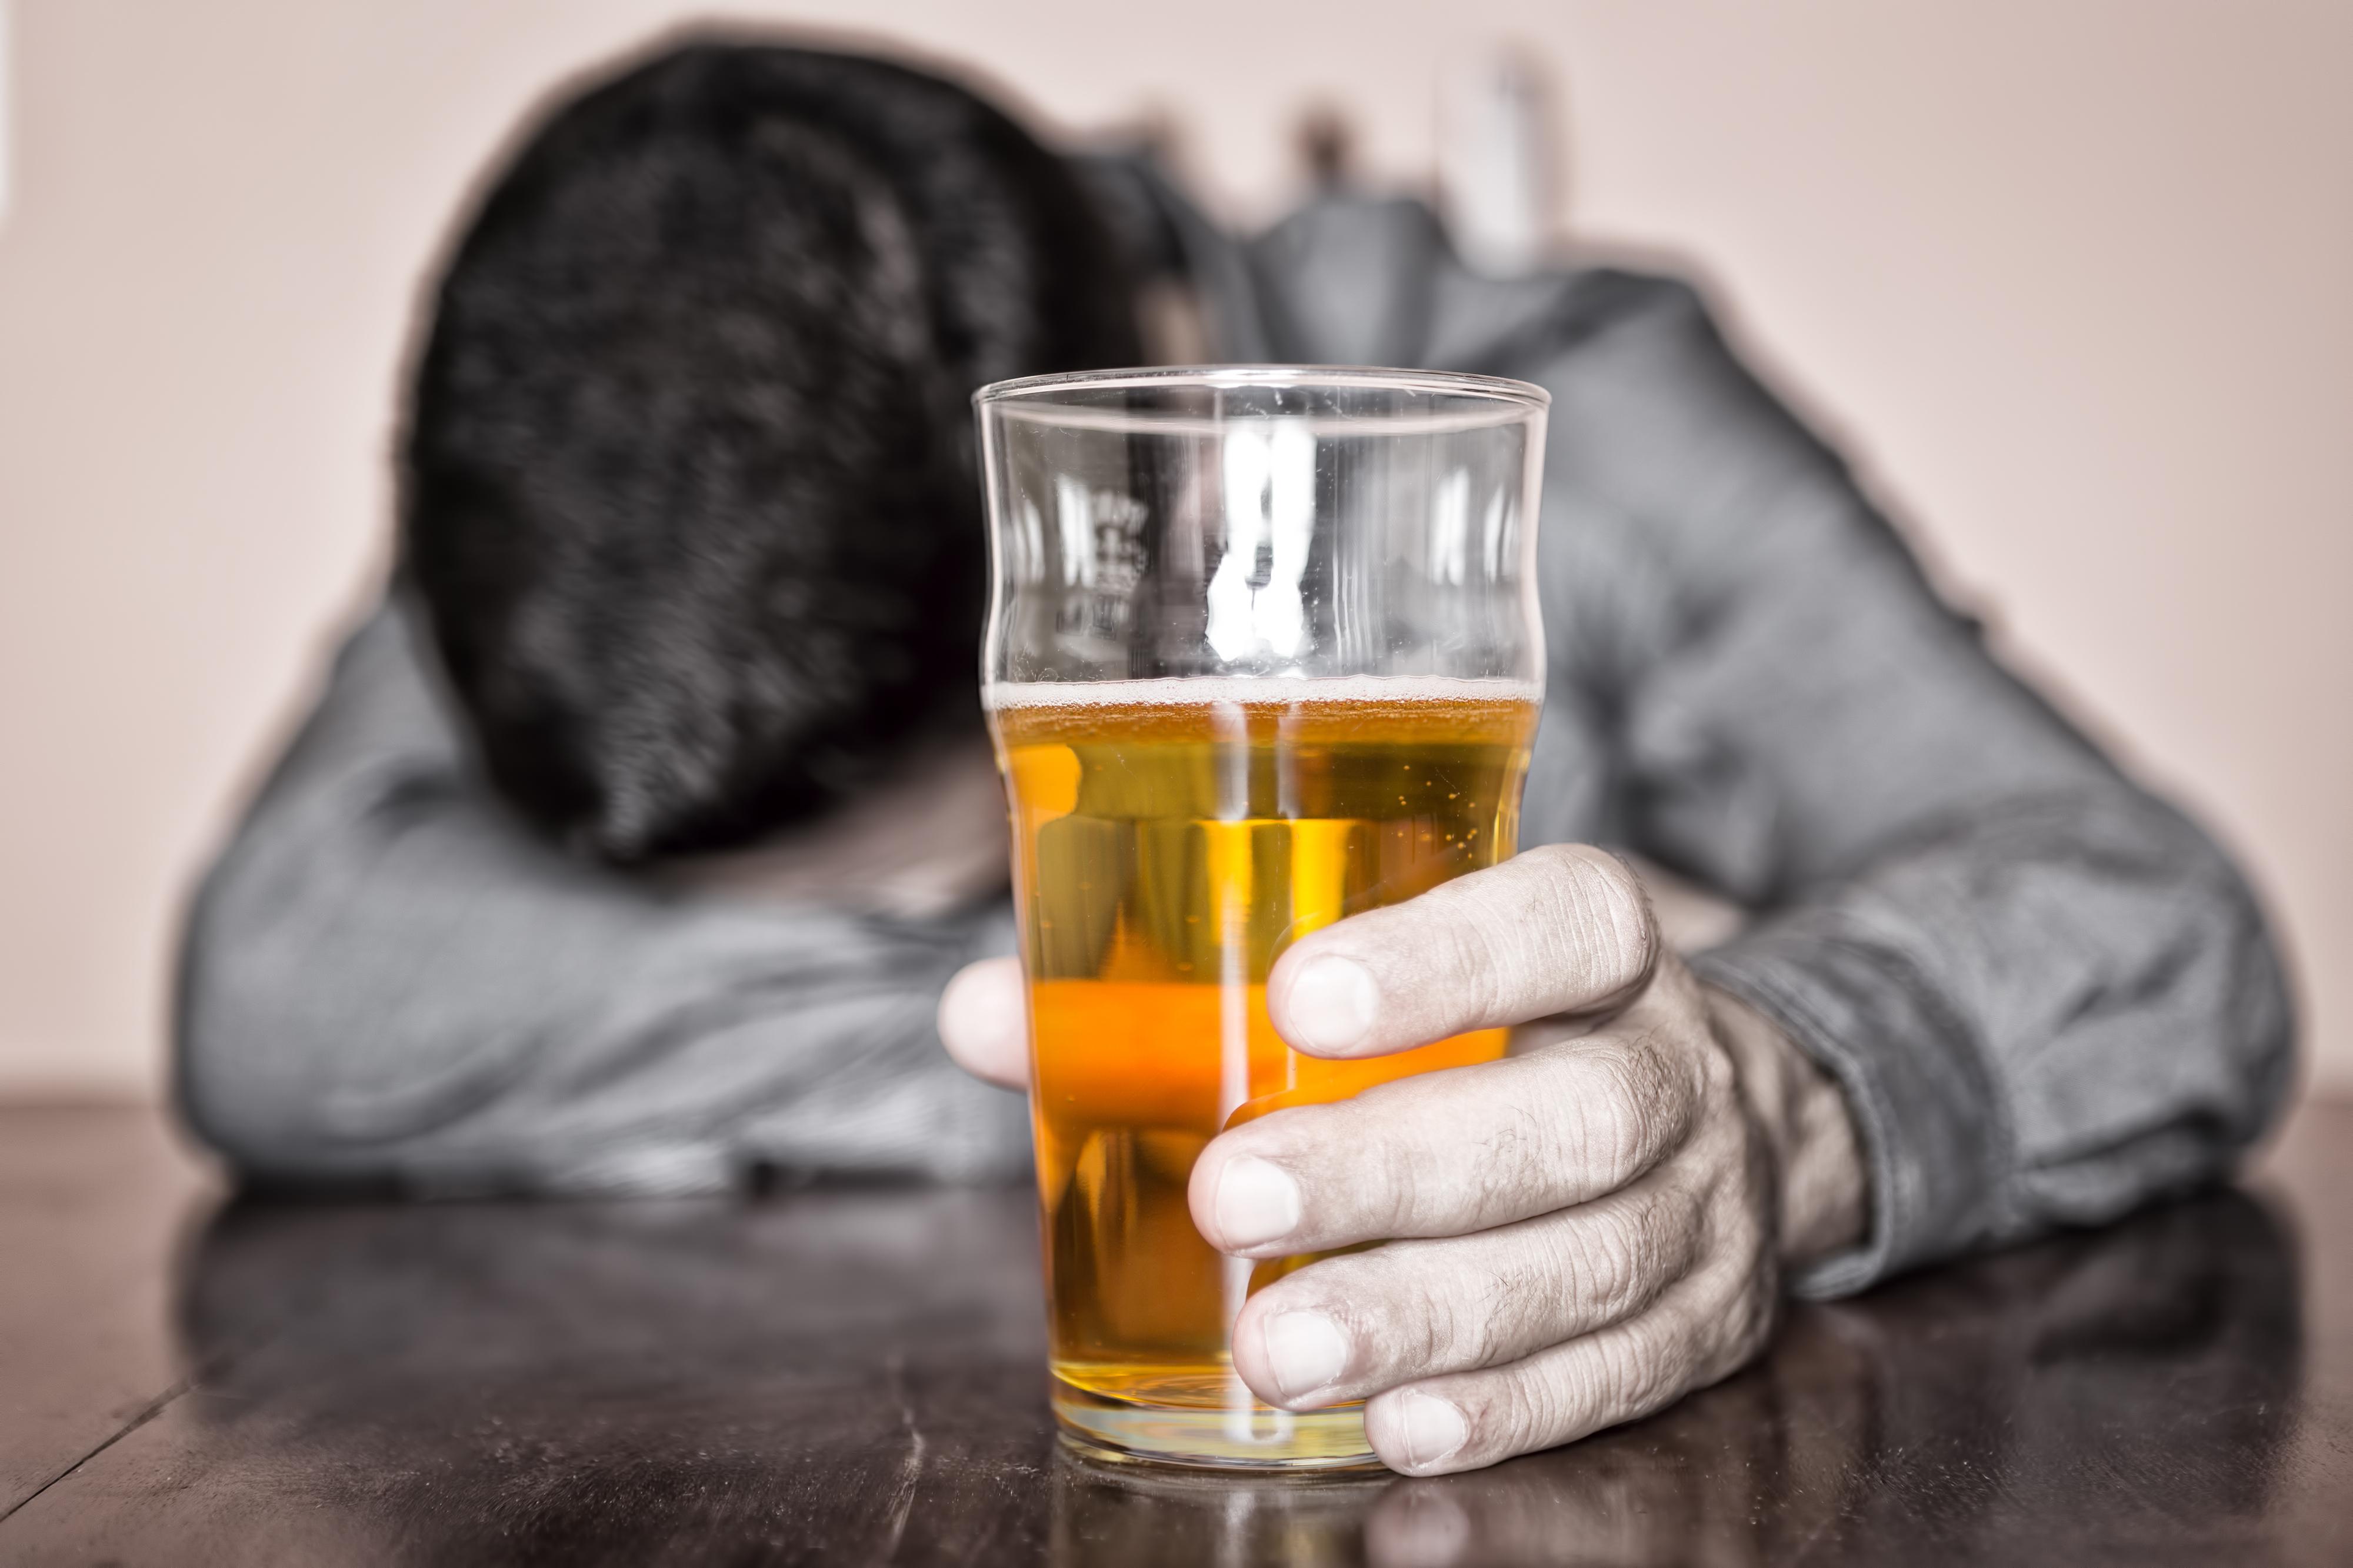 последствия после алкогольного опьянения